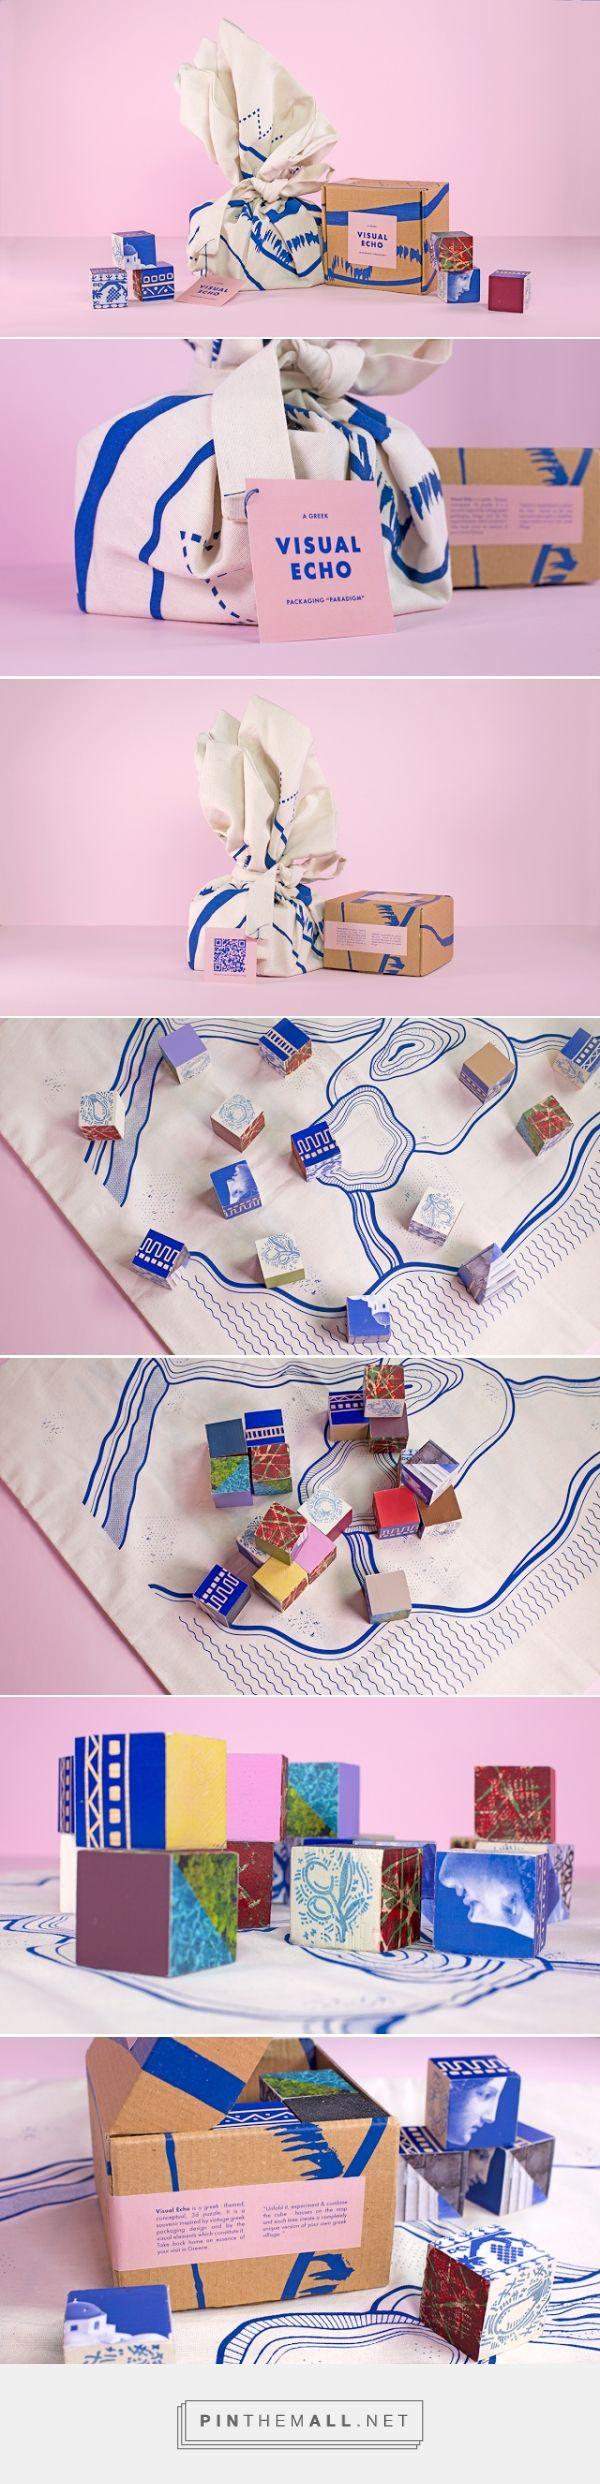 Geografische stijl 3 GRIEKS, Blauwe lijnen mooi gecombineerd met roze